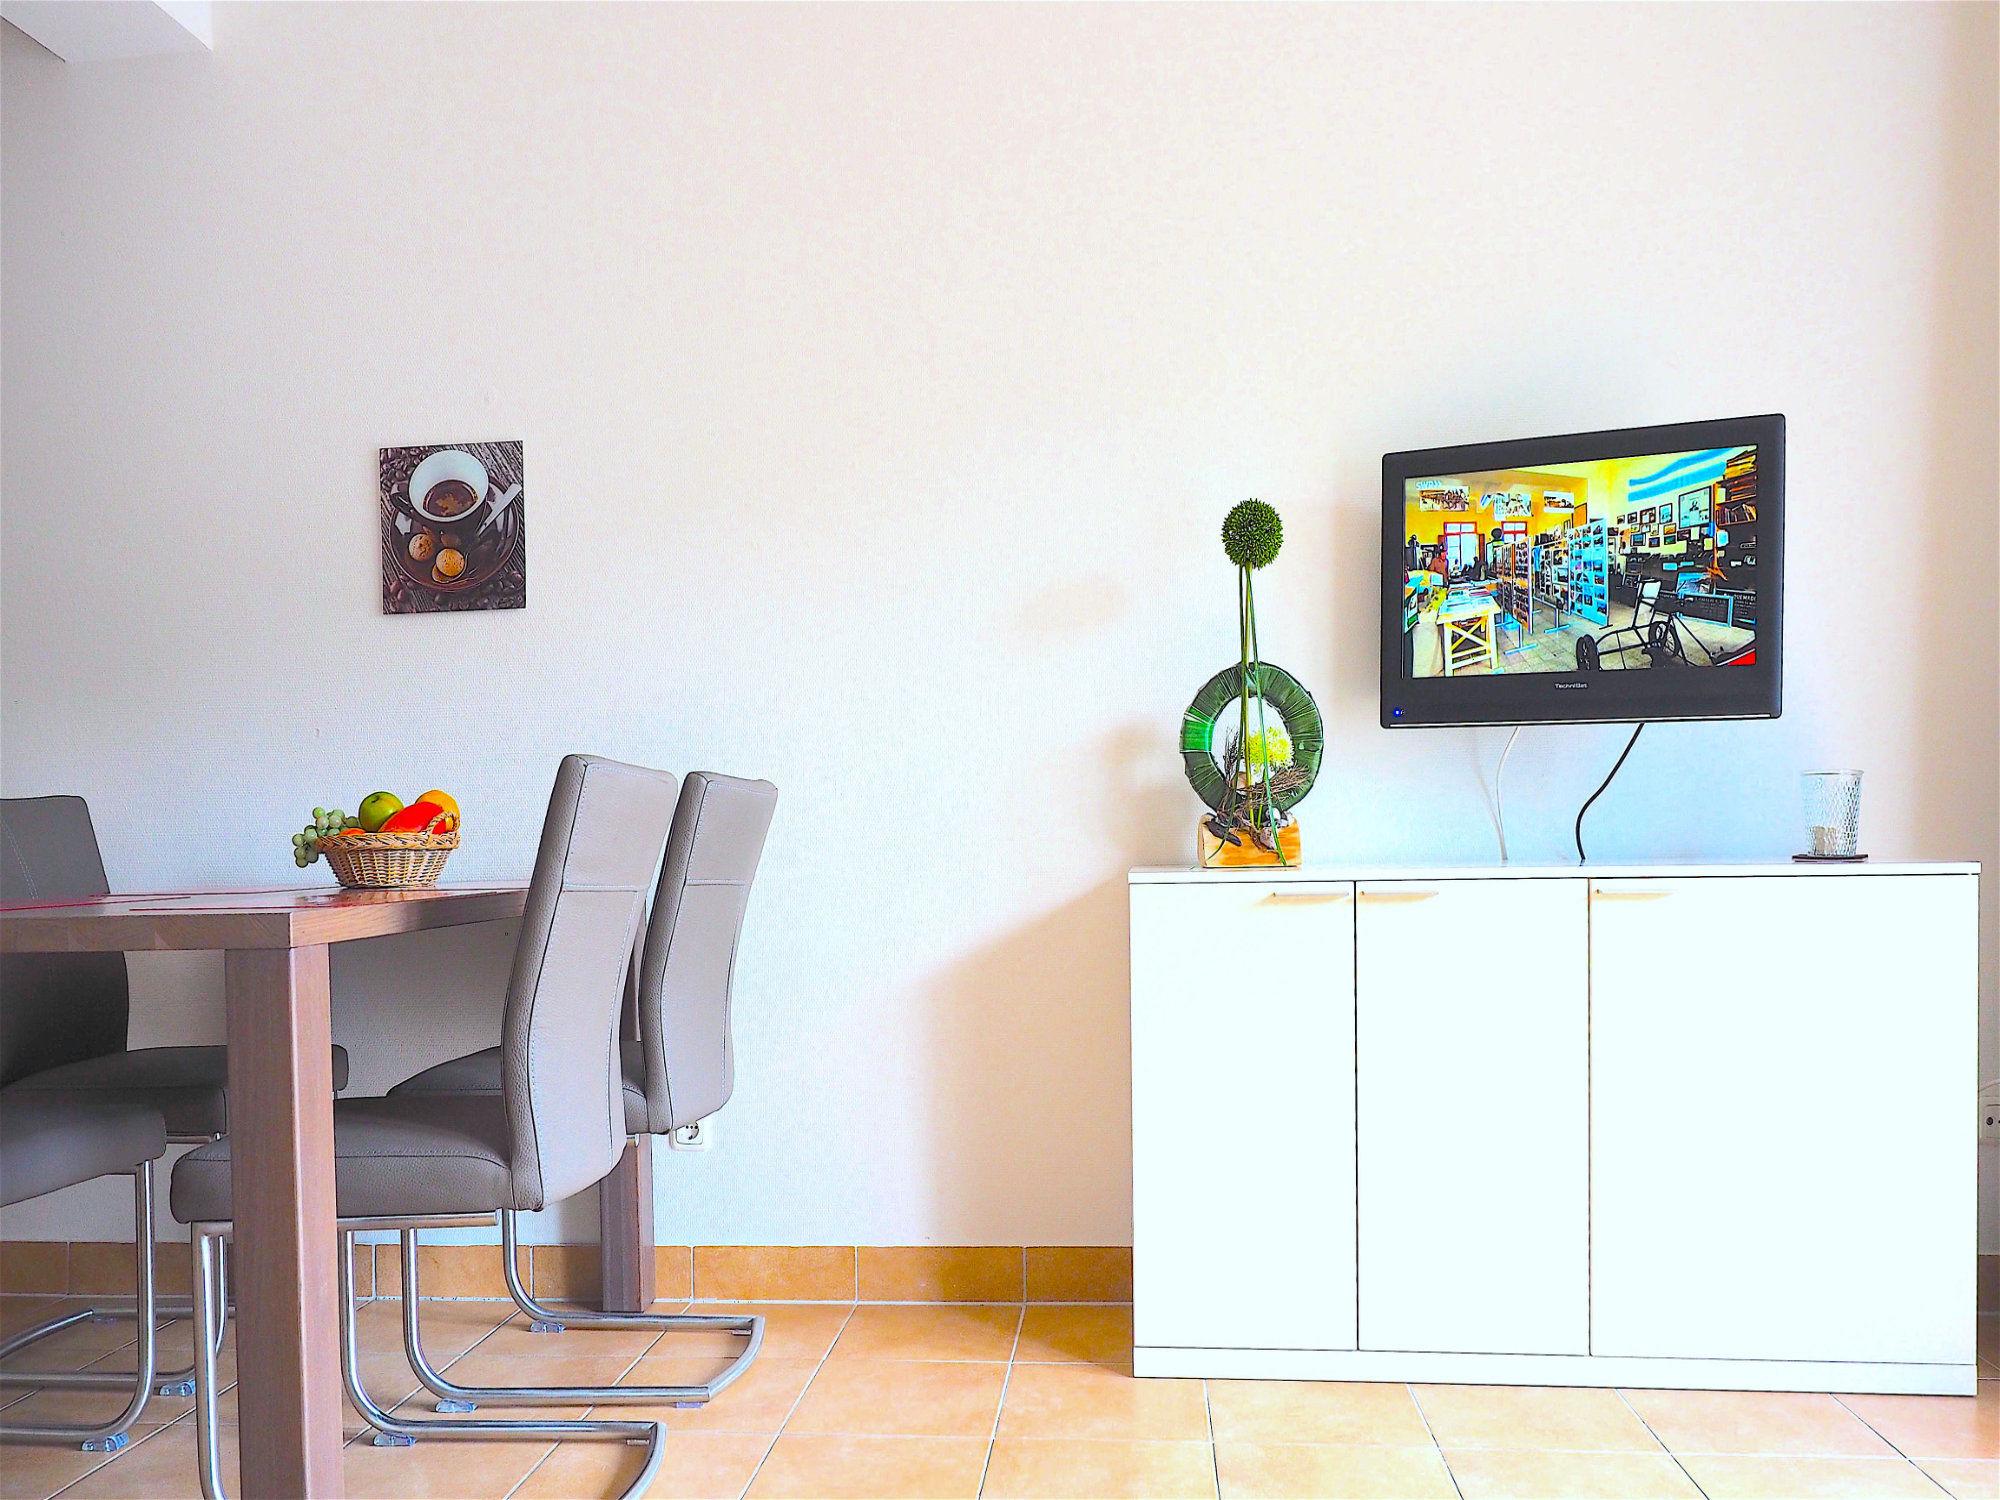 Wohnzimmer, links der Esstisch mit Stühlen, rechts ein Sideboard mit Flatscreen TV und Deko